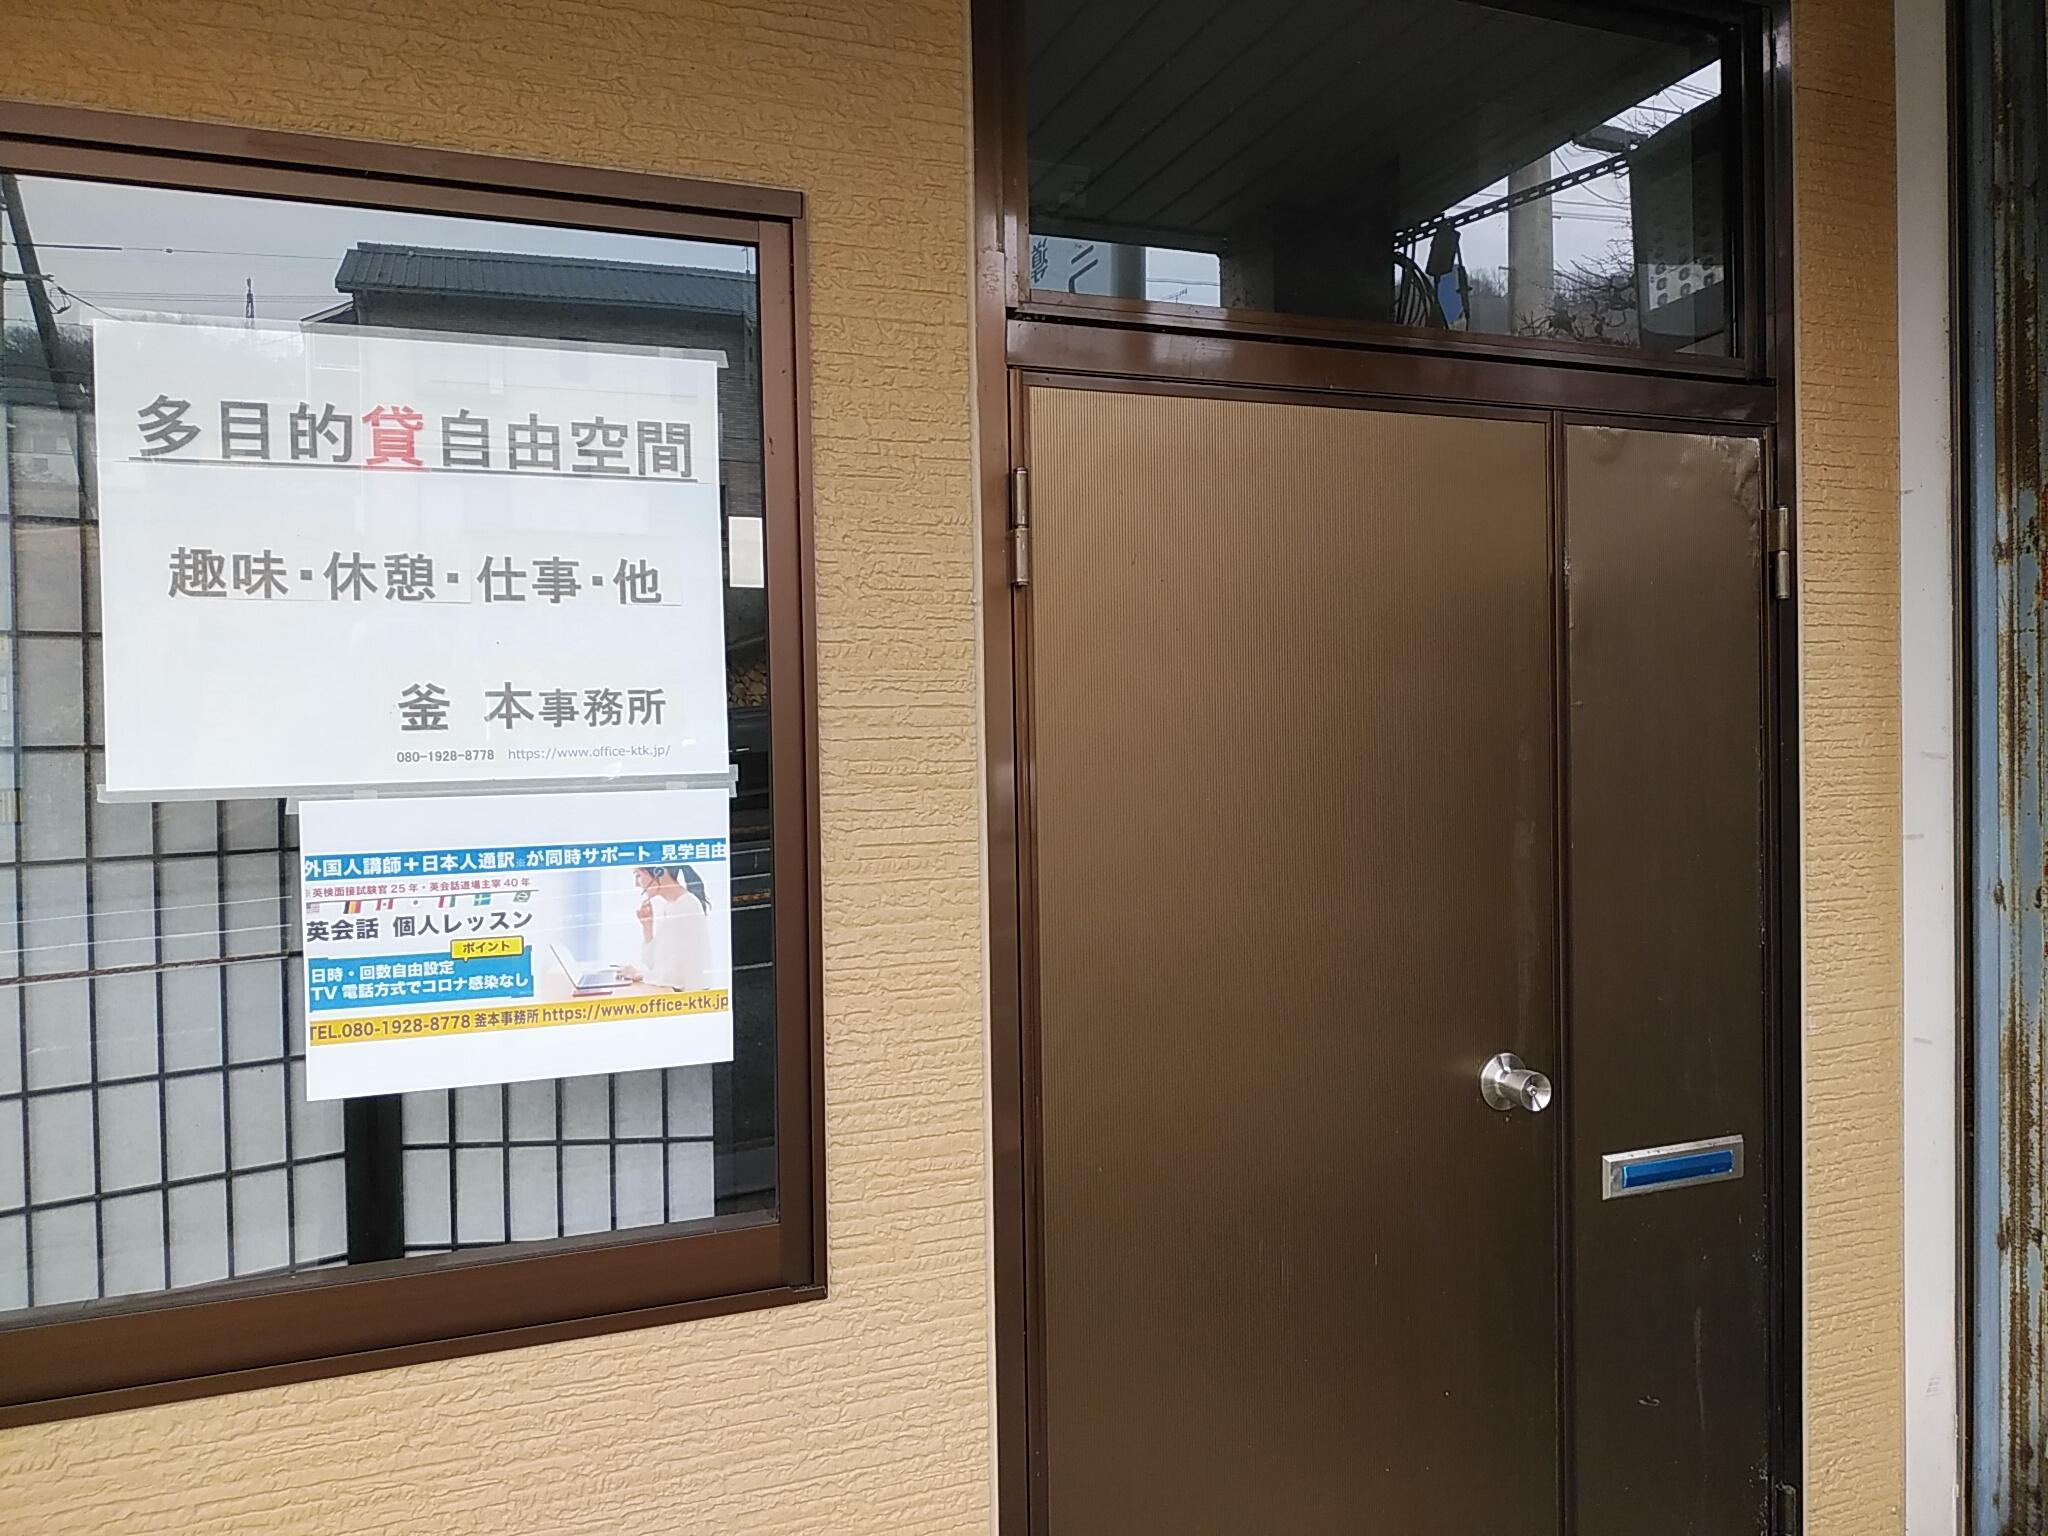 多目的自由空間(部屋)の入口